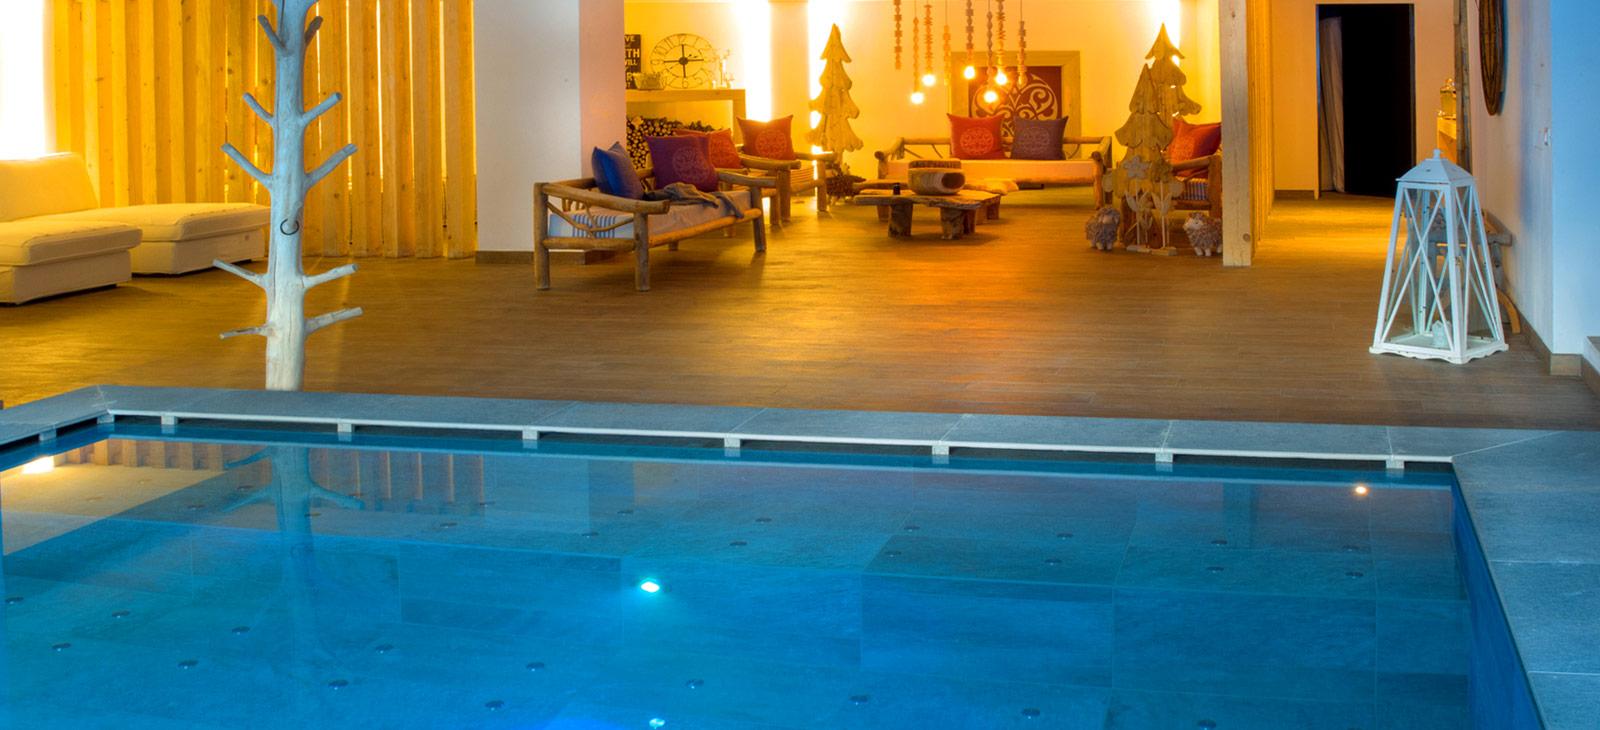 hotel wohlbefinden wellness mit spa und pool gadertal hotel olympia. Black Bedroom Furniture Sets. Home Design Ideas